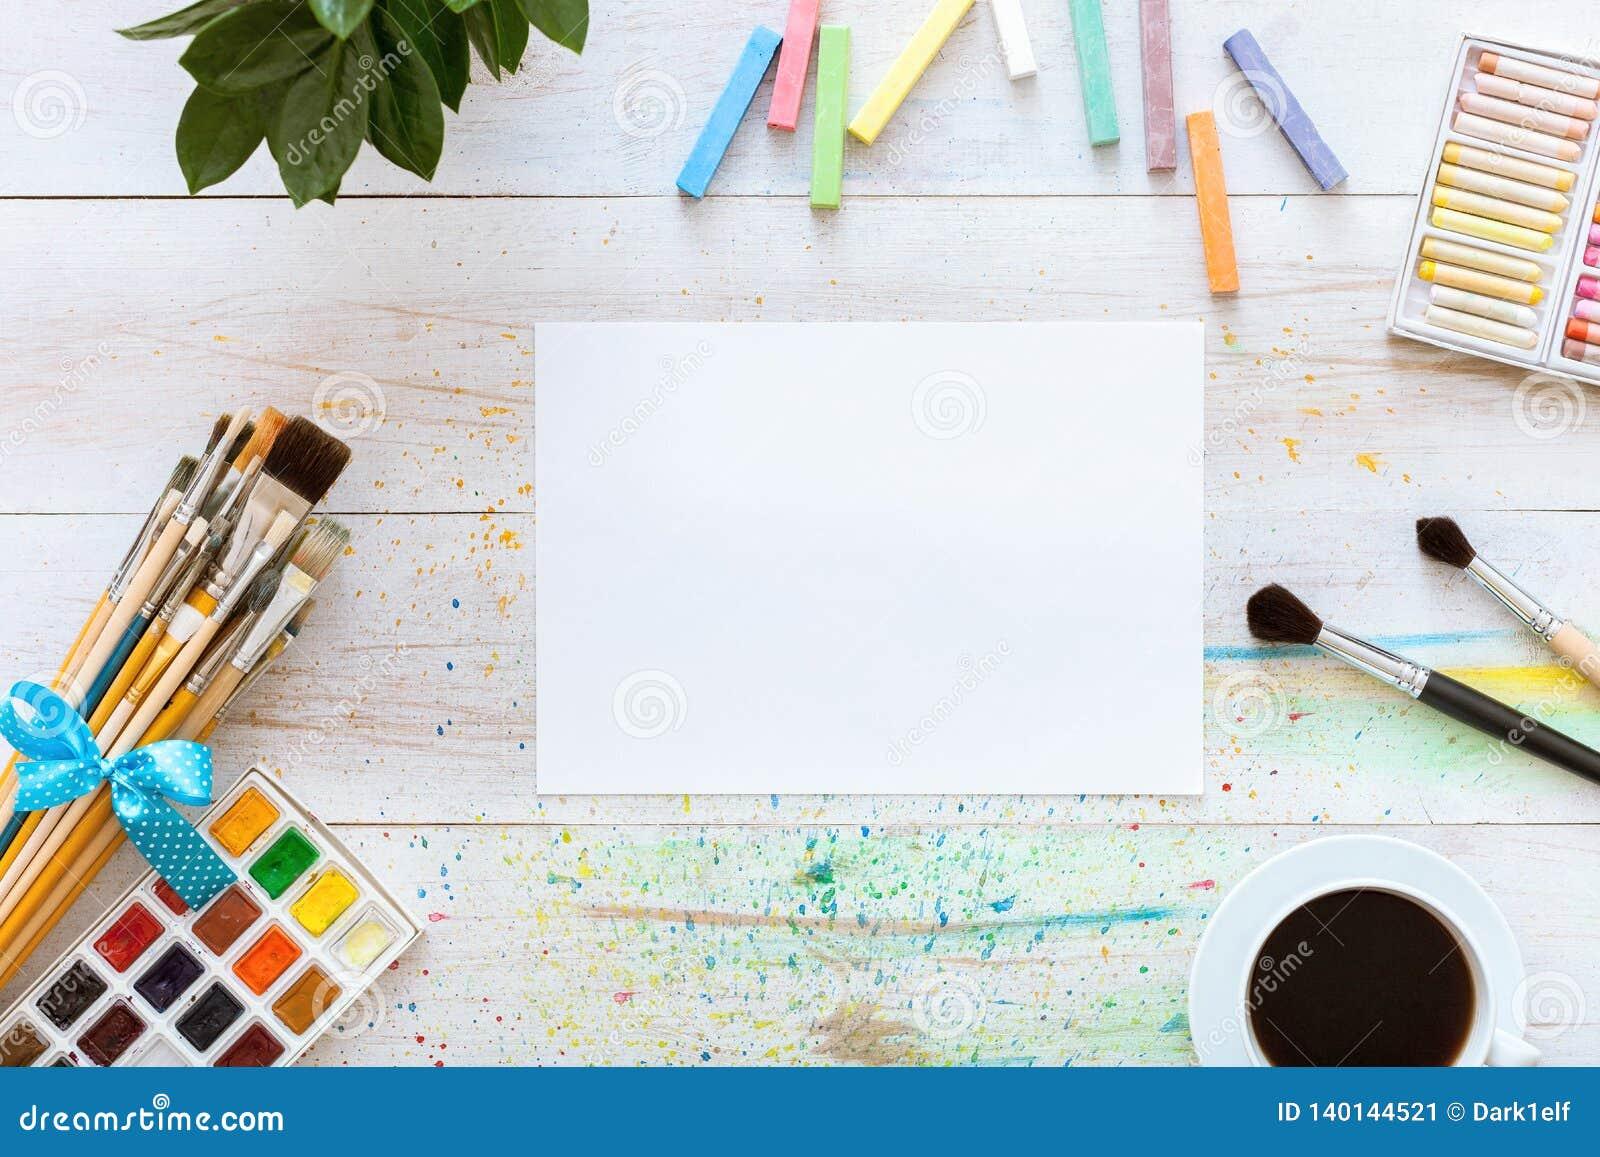 Farb muśnięcia, paintbox z akwarelami, kredki, kawa i puste miejsce, wyśmiewają w górę papieru na białym drewnianym tle, artystyc